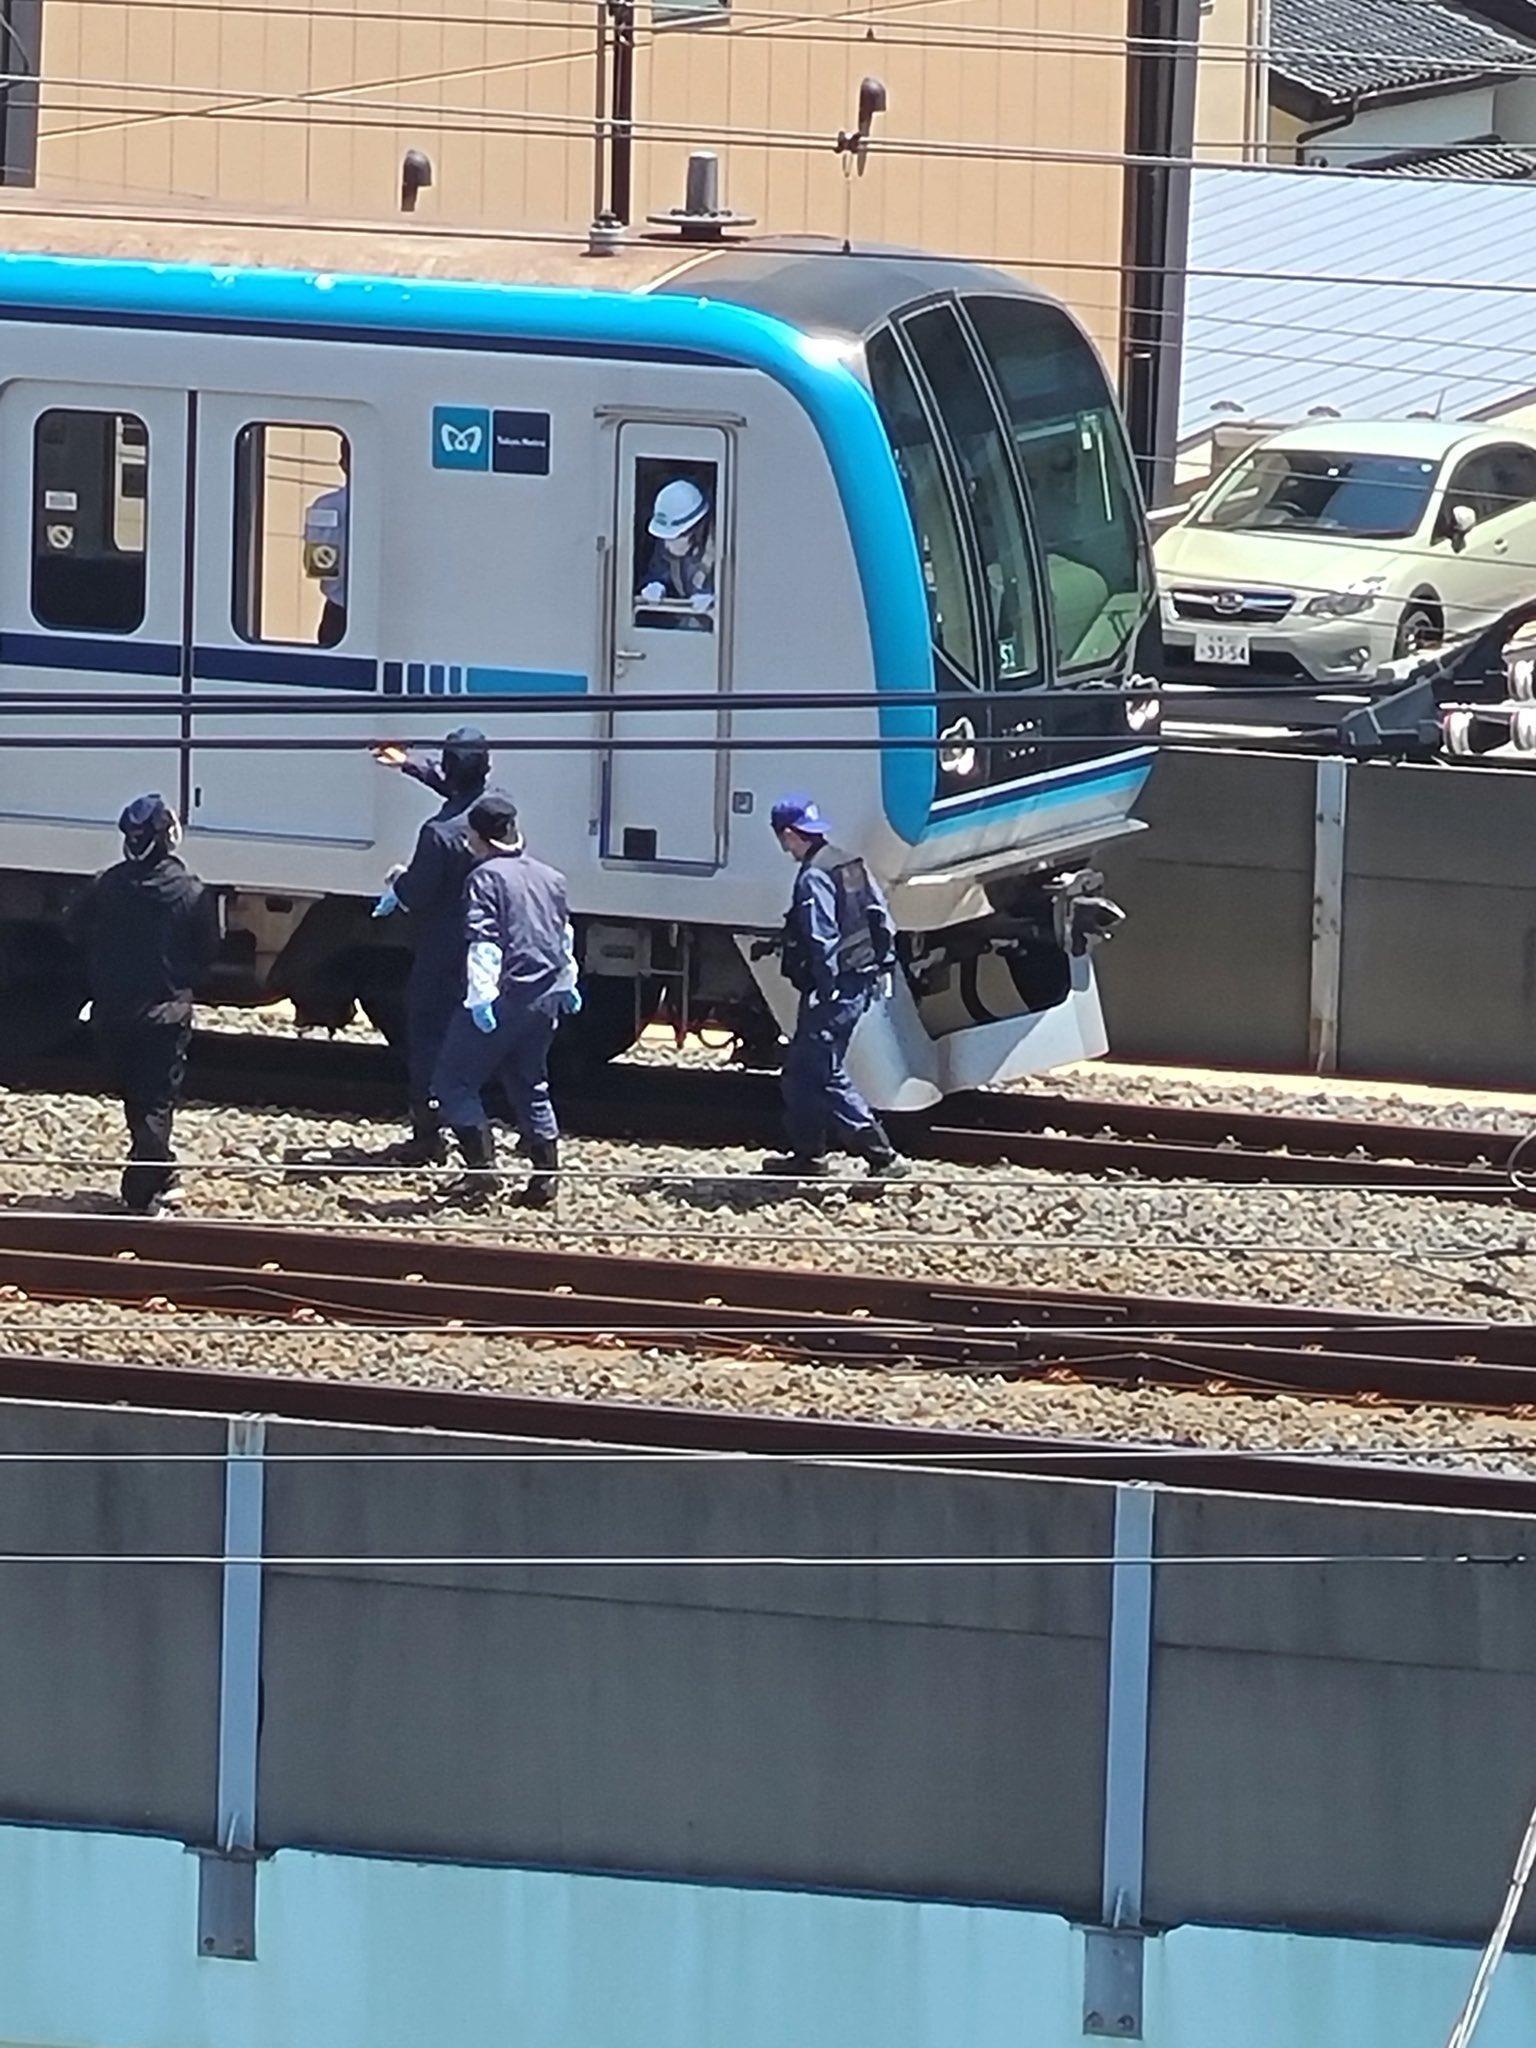 東京メトロ東西線の妙典駅の人身事故現場の画像